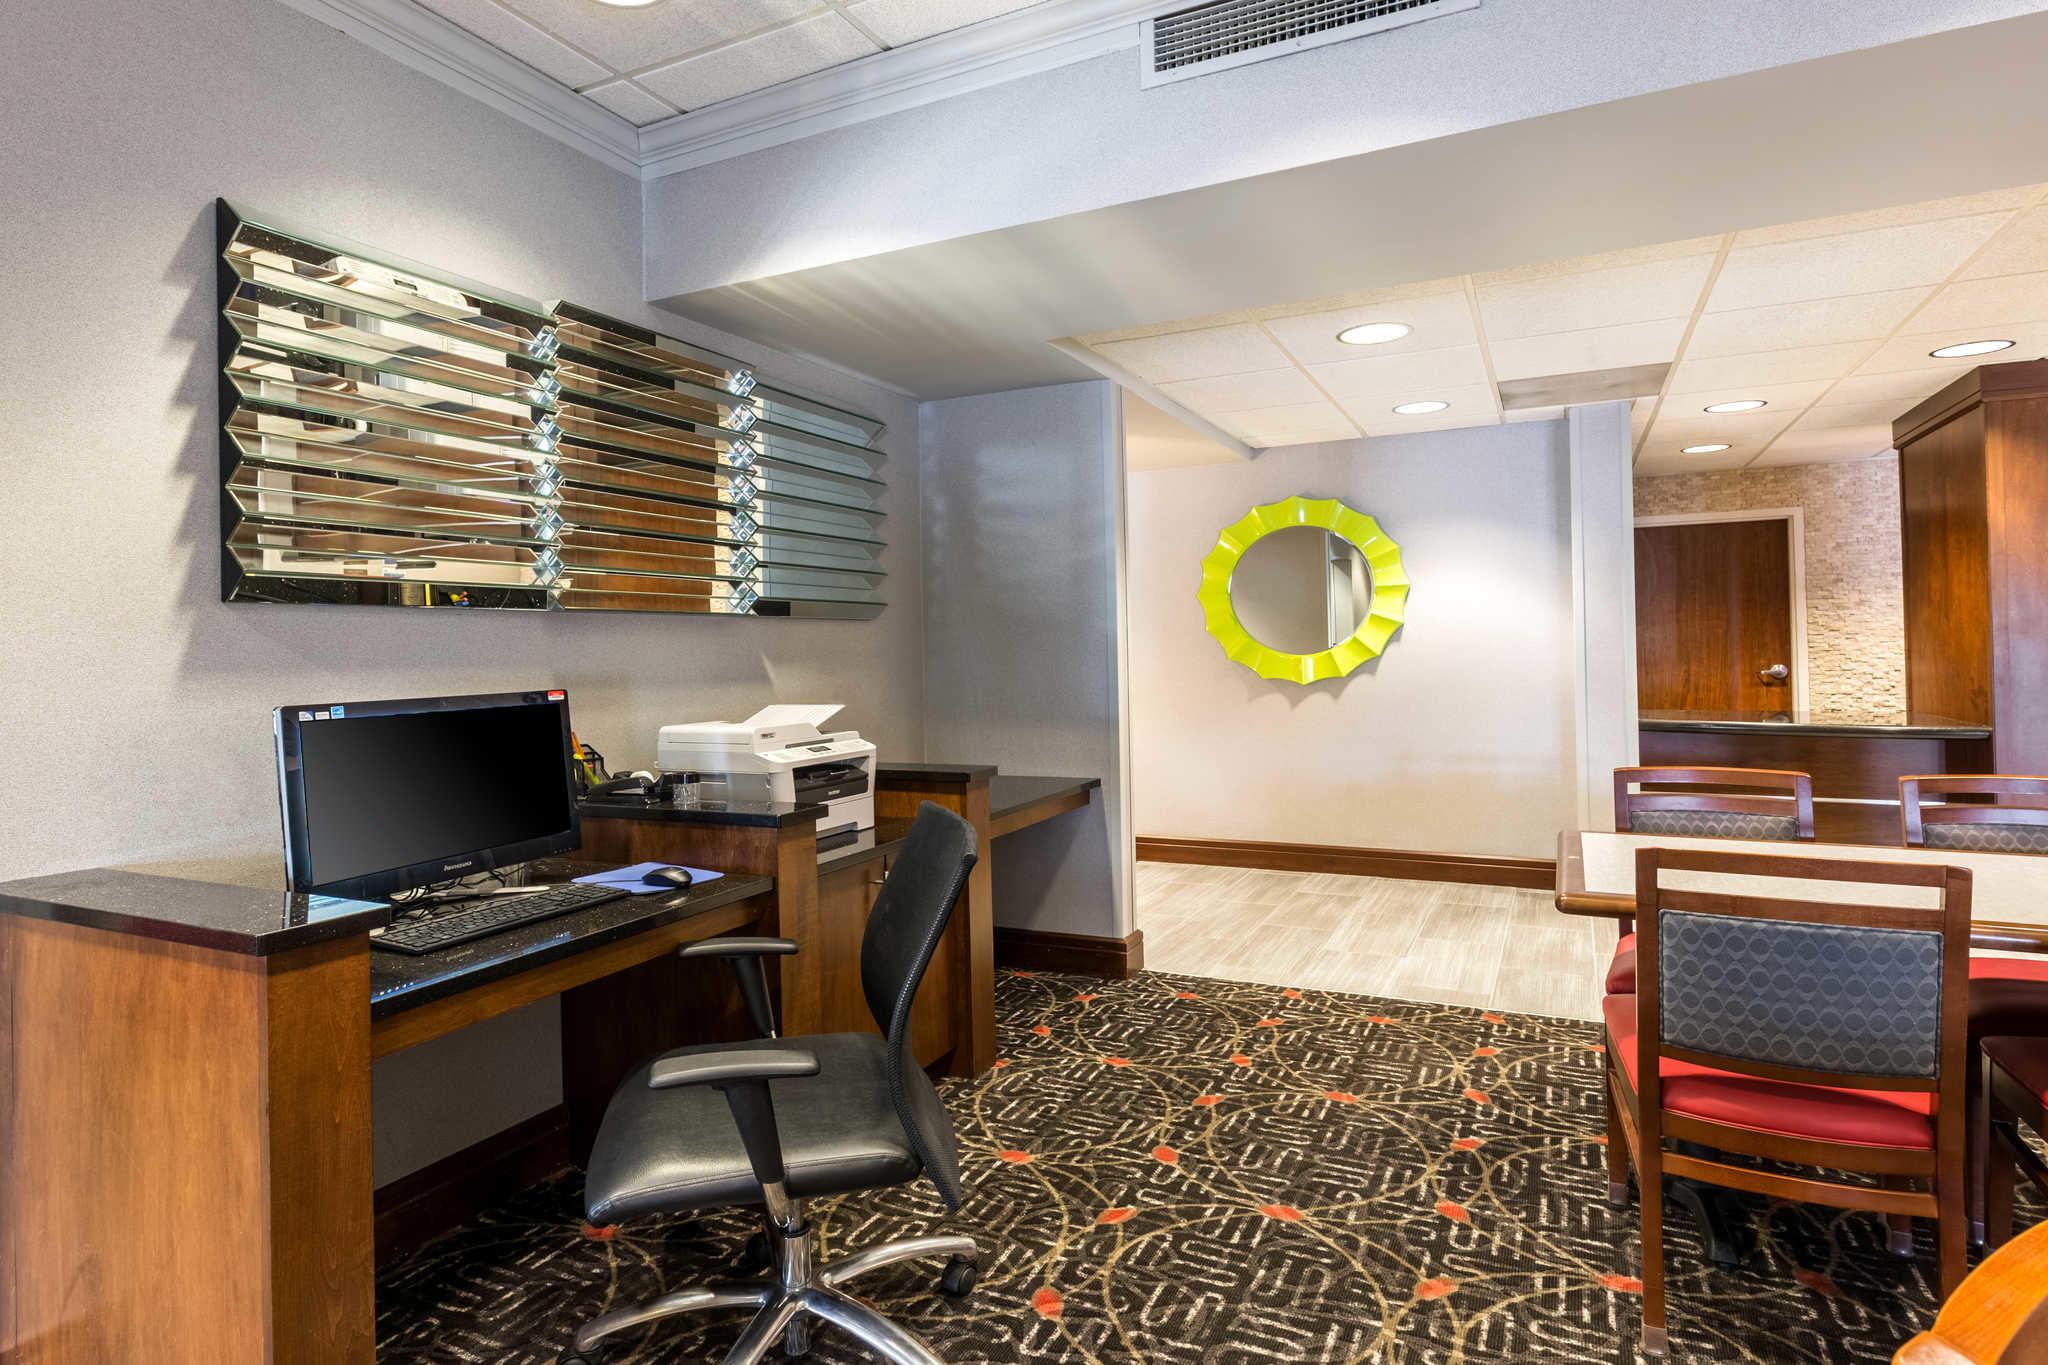 Comfort Inn image 37